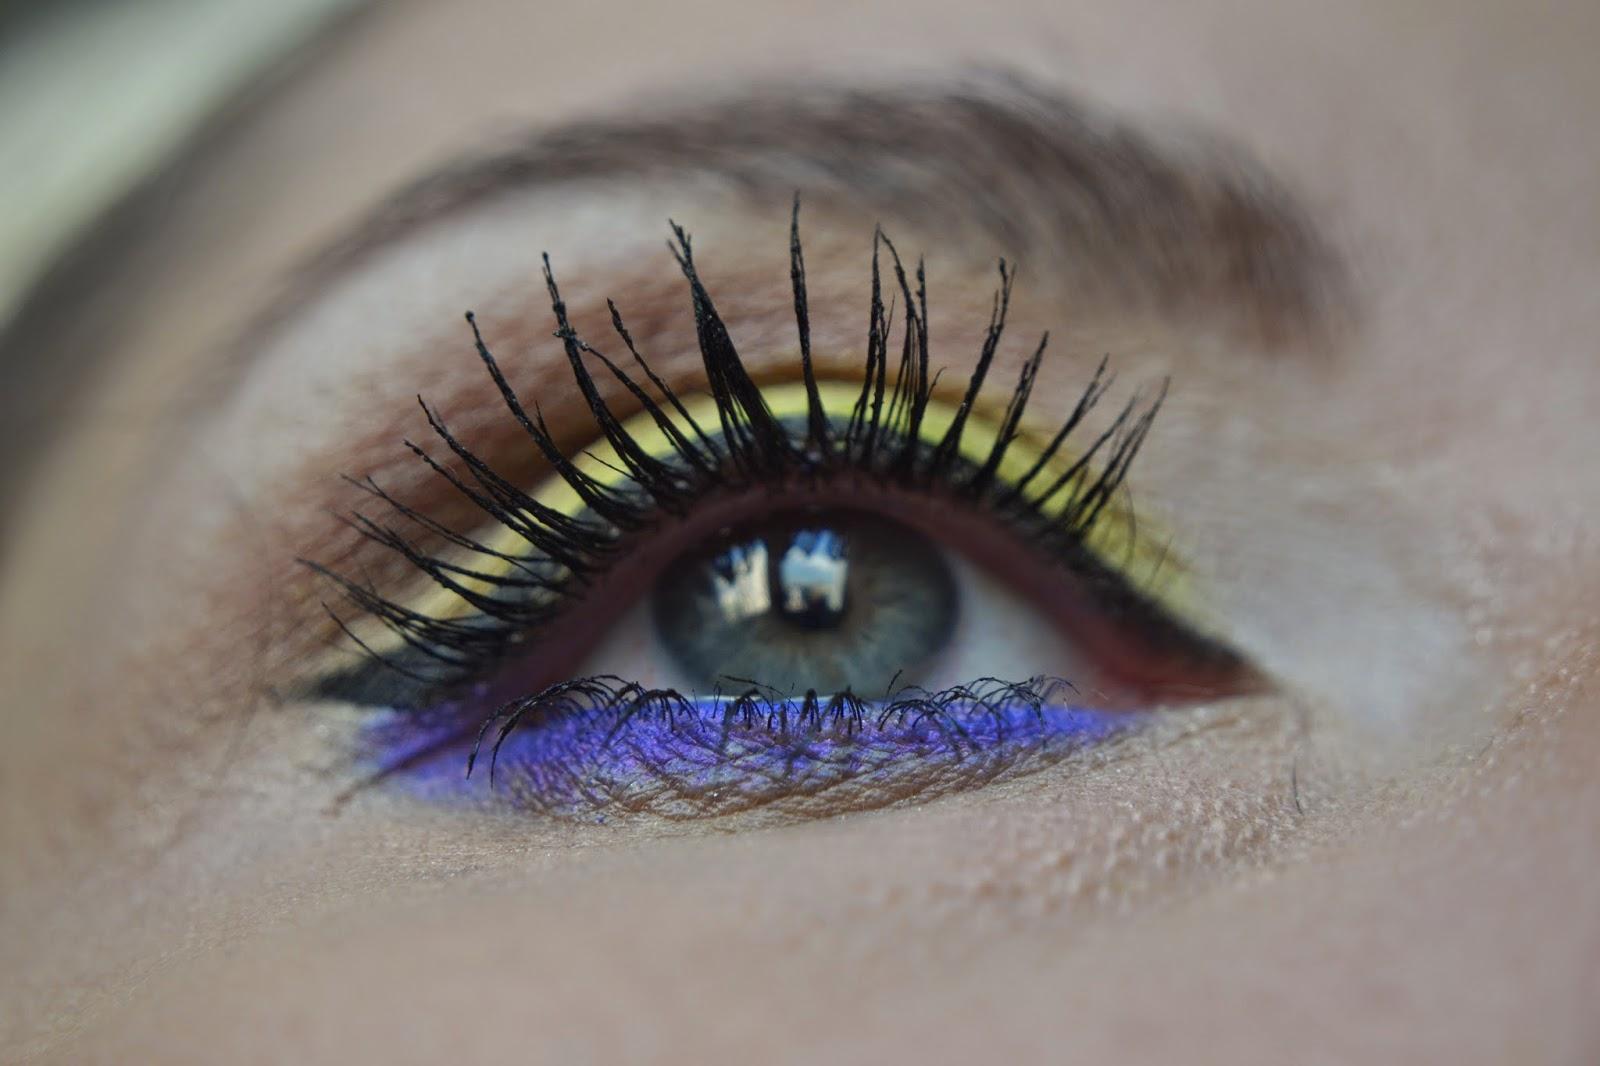 neon makyaj - neon makeup - sephora - makyaj blogları - kozmetik blogları - makyaj uygulaması - loreal - güzellik blogları- eyeliner çekmek